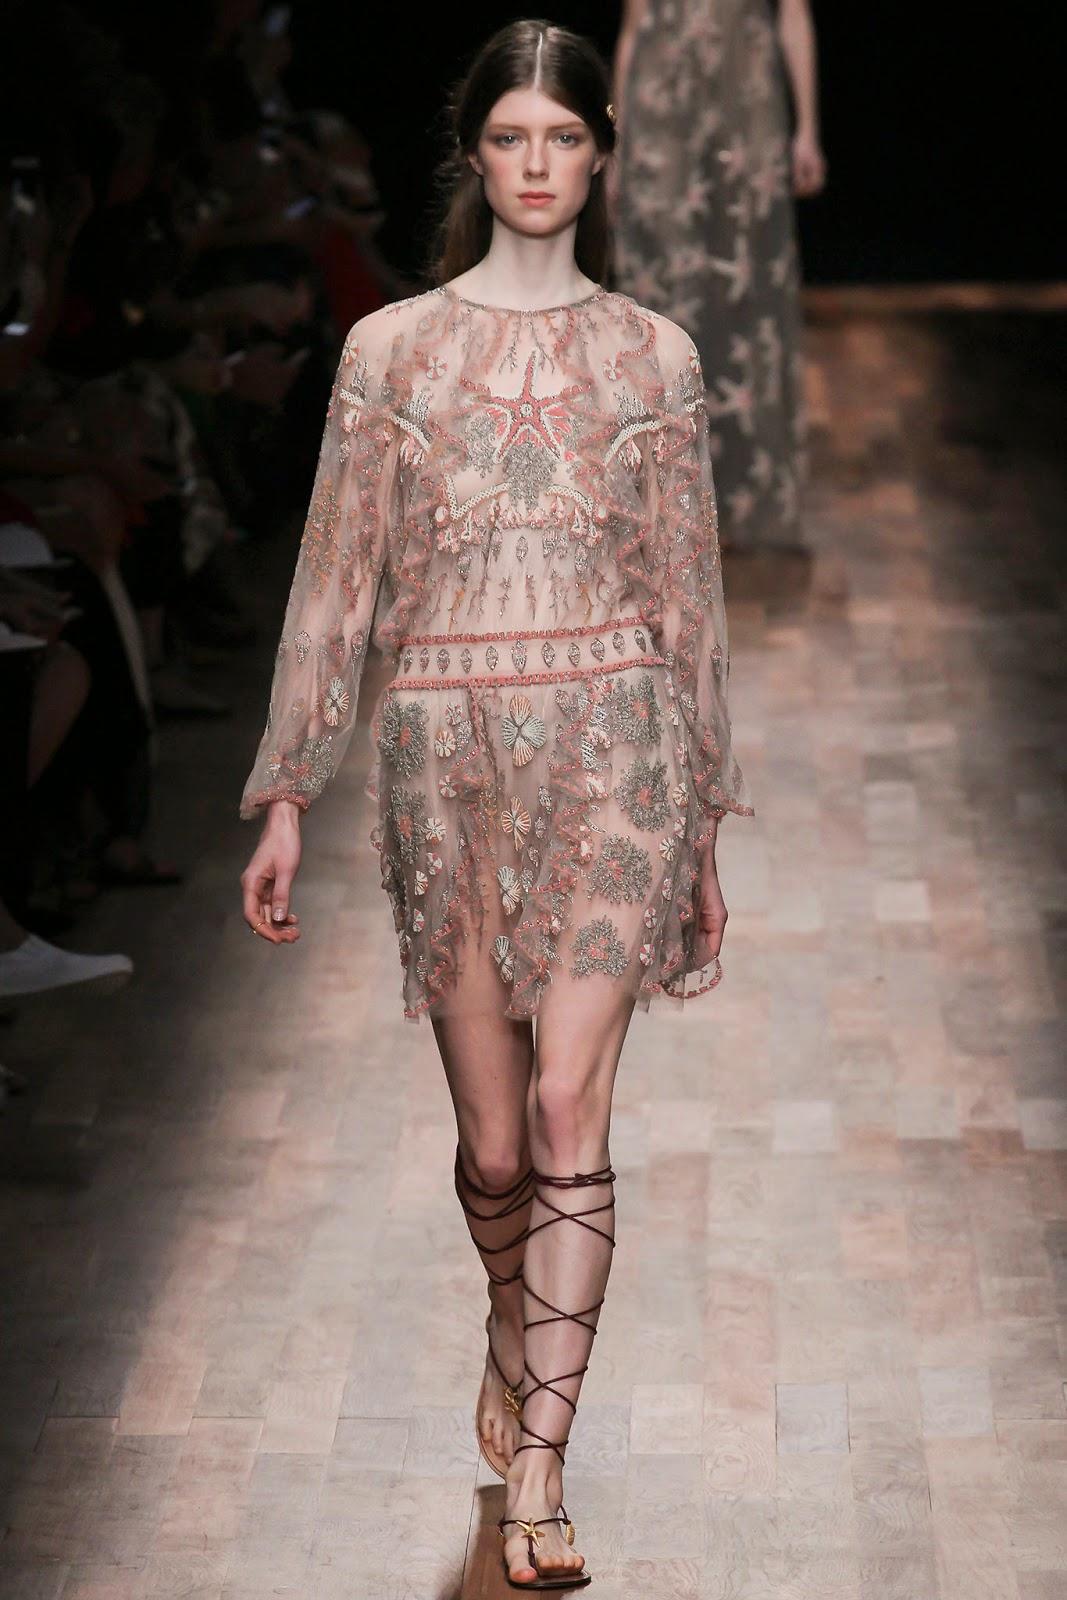 valentino 2015 summer 2016 trend women dress91 Valentino 2015 samling, våren sommaren 2016 Valentino klänning modeller, Valentino kväll klänning nya säsongen kvinnors kjolar modeller